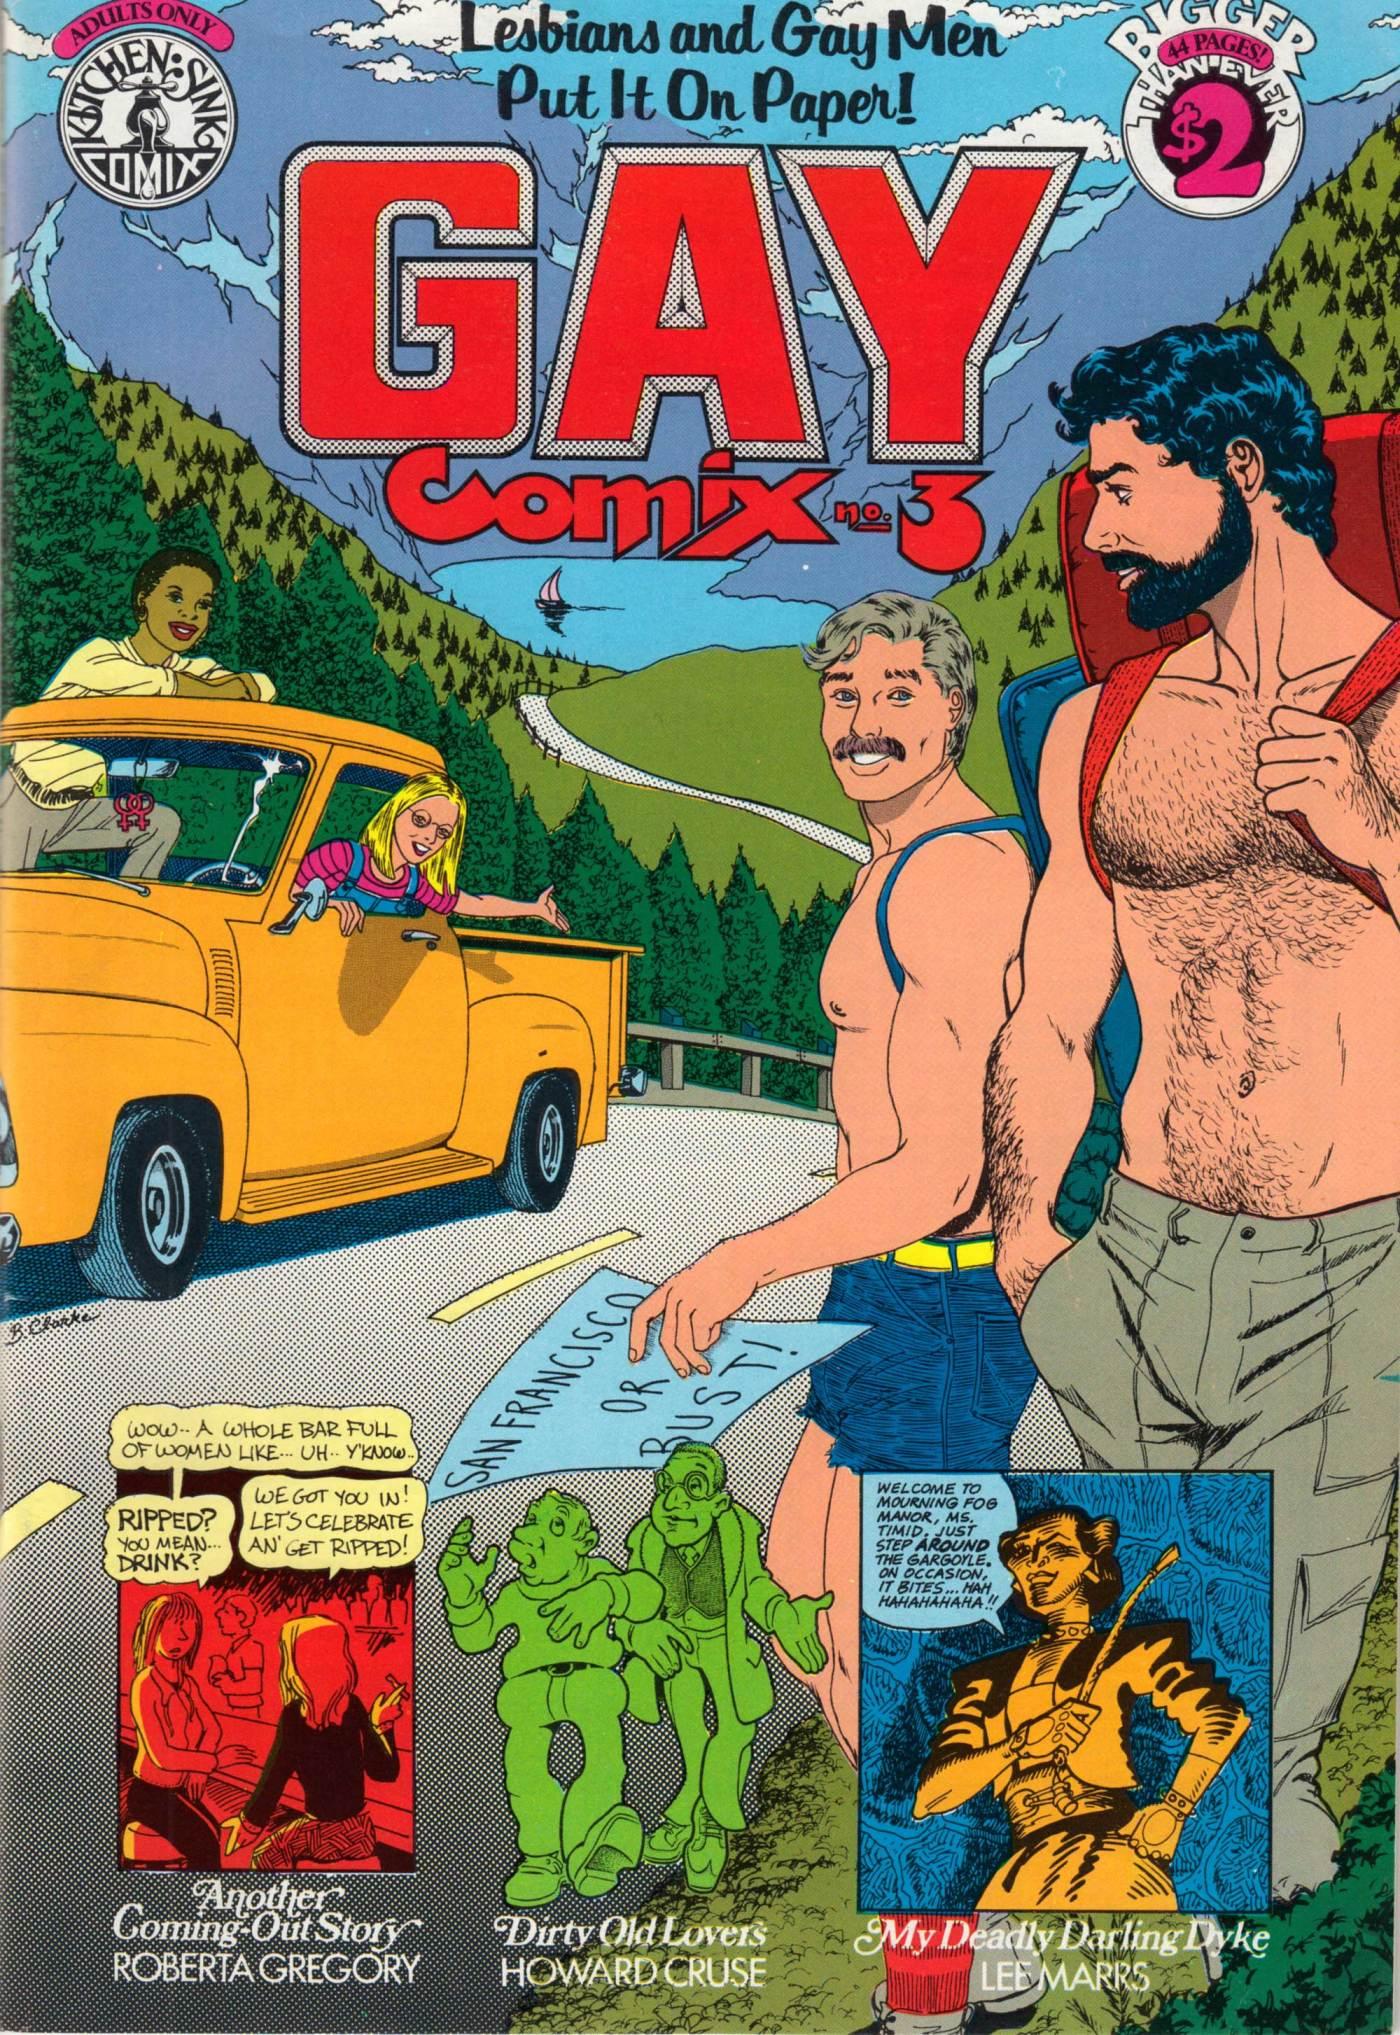 Gay men successful Top 10